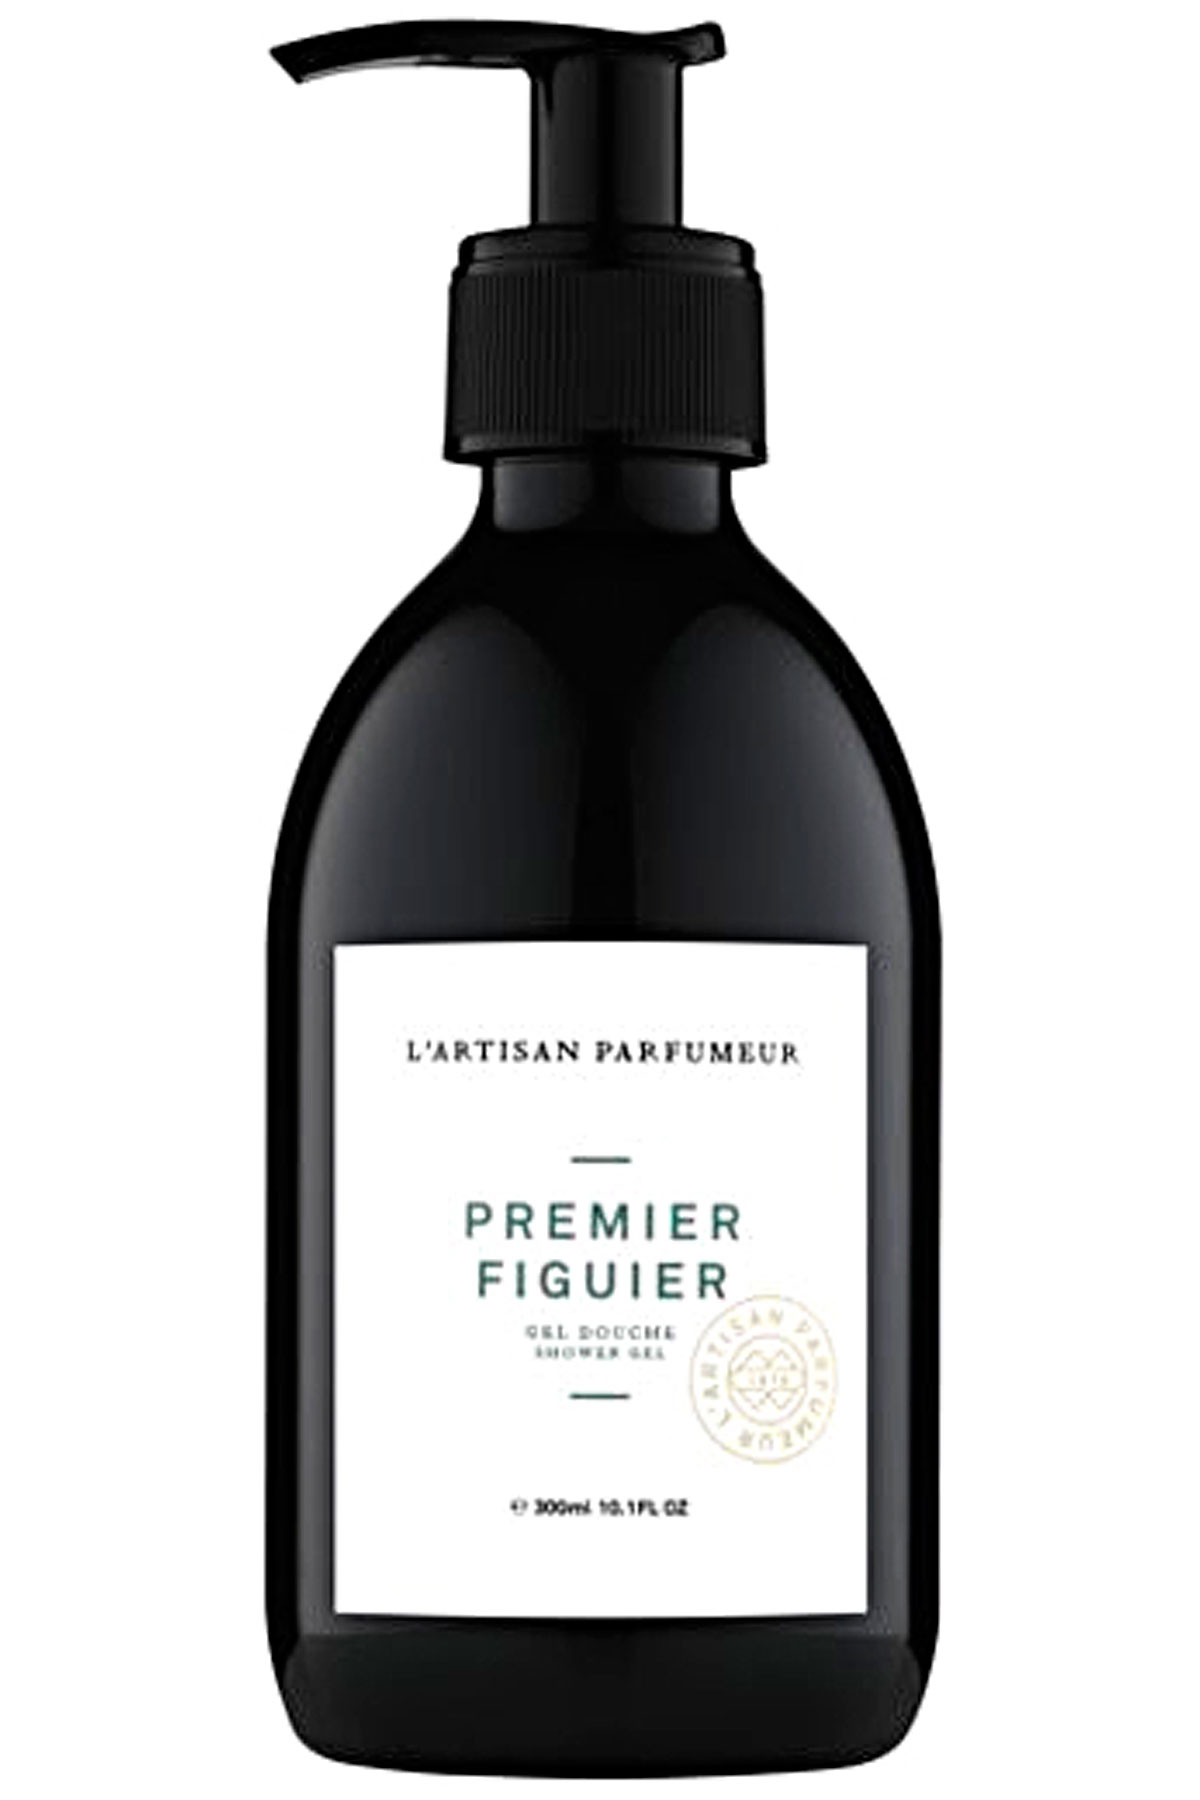 Artisan Parfumeur Beauty for Women, Premier Figuier - Body Lotion - 300 Ml, 2019, 300 ml